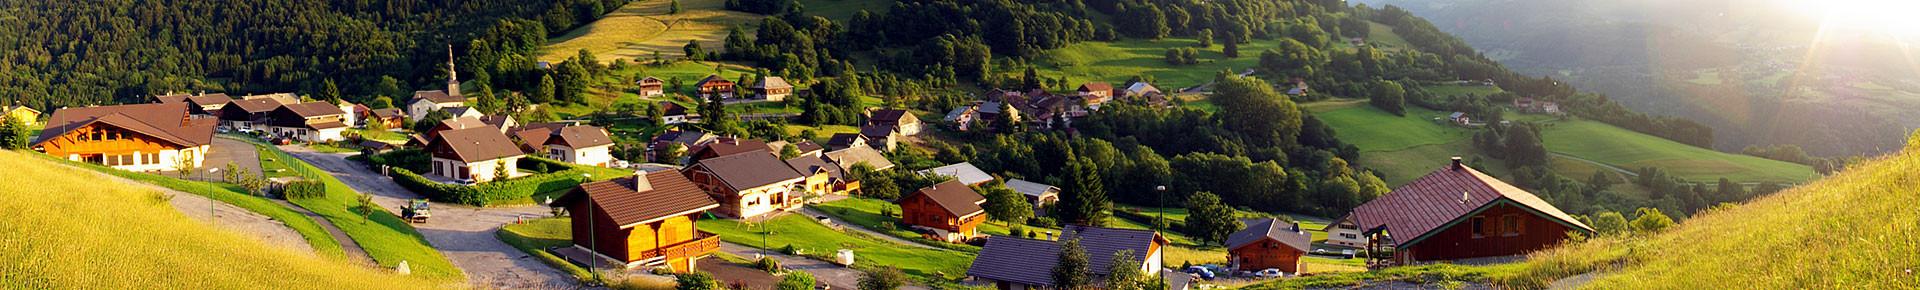 Le village de La Vernaz en été